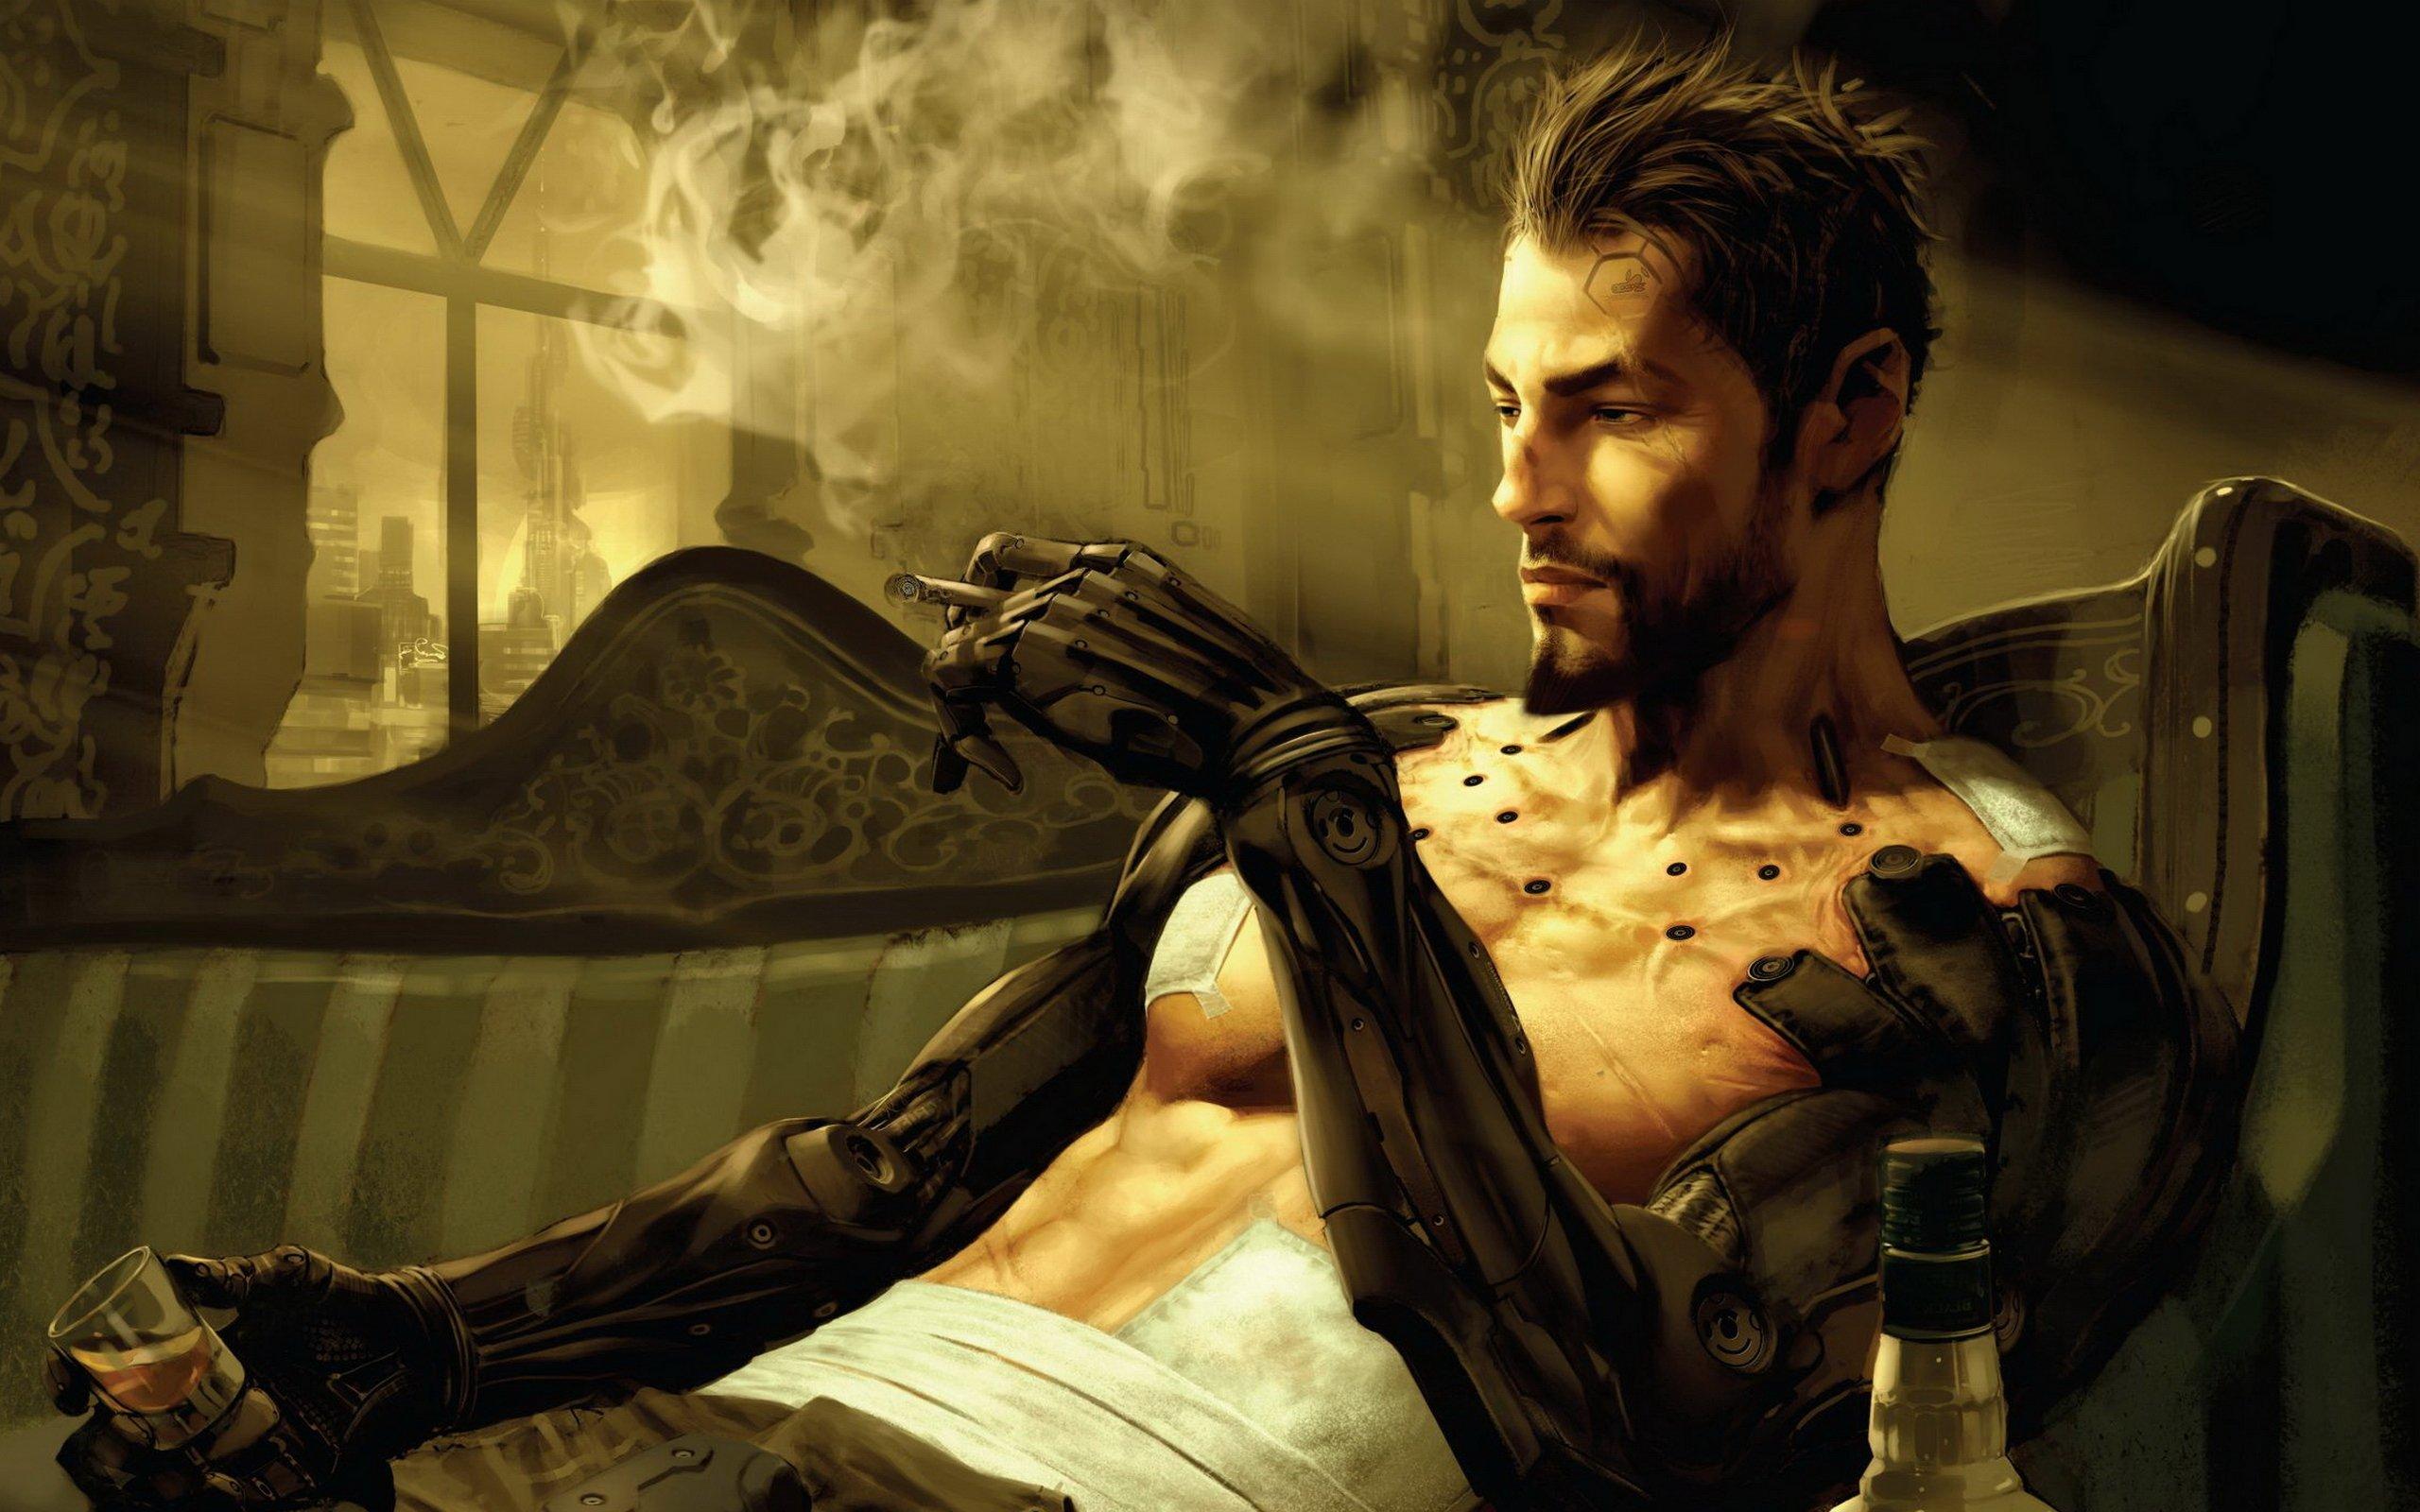 Deus Ex: Human Revolution уже давно стал для меня одной из моих любимых игр. Да что уж там... Стал игрой с большой б ... - Изображение 1